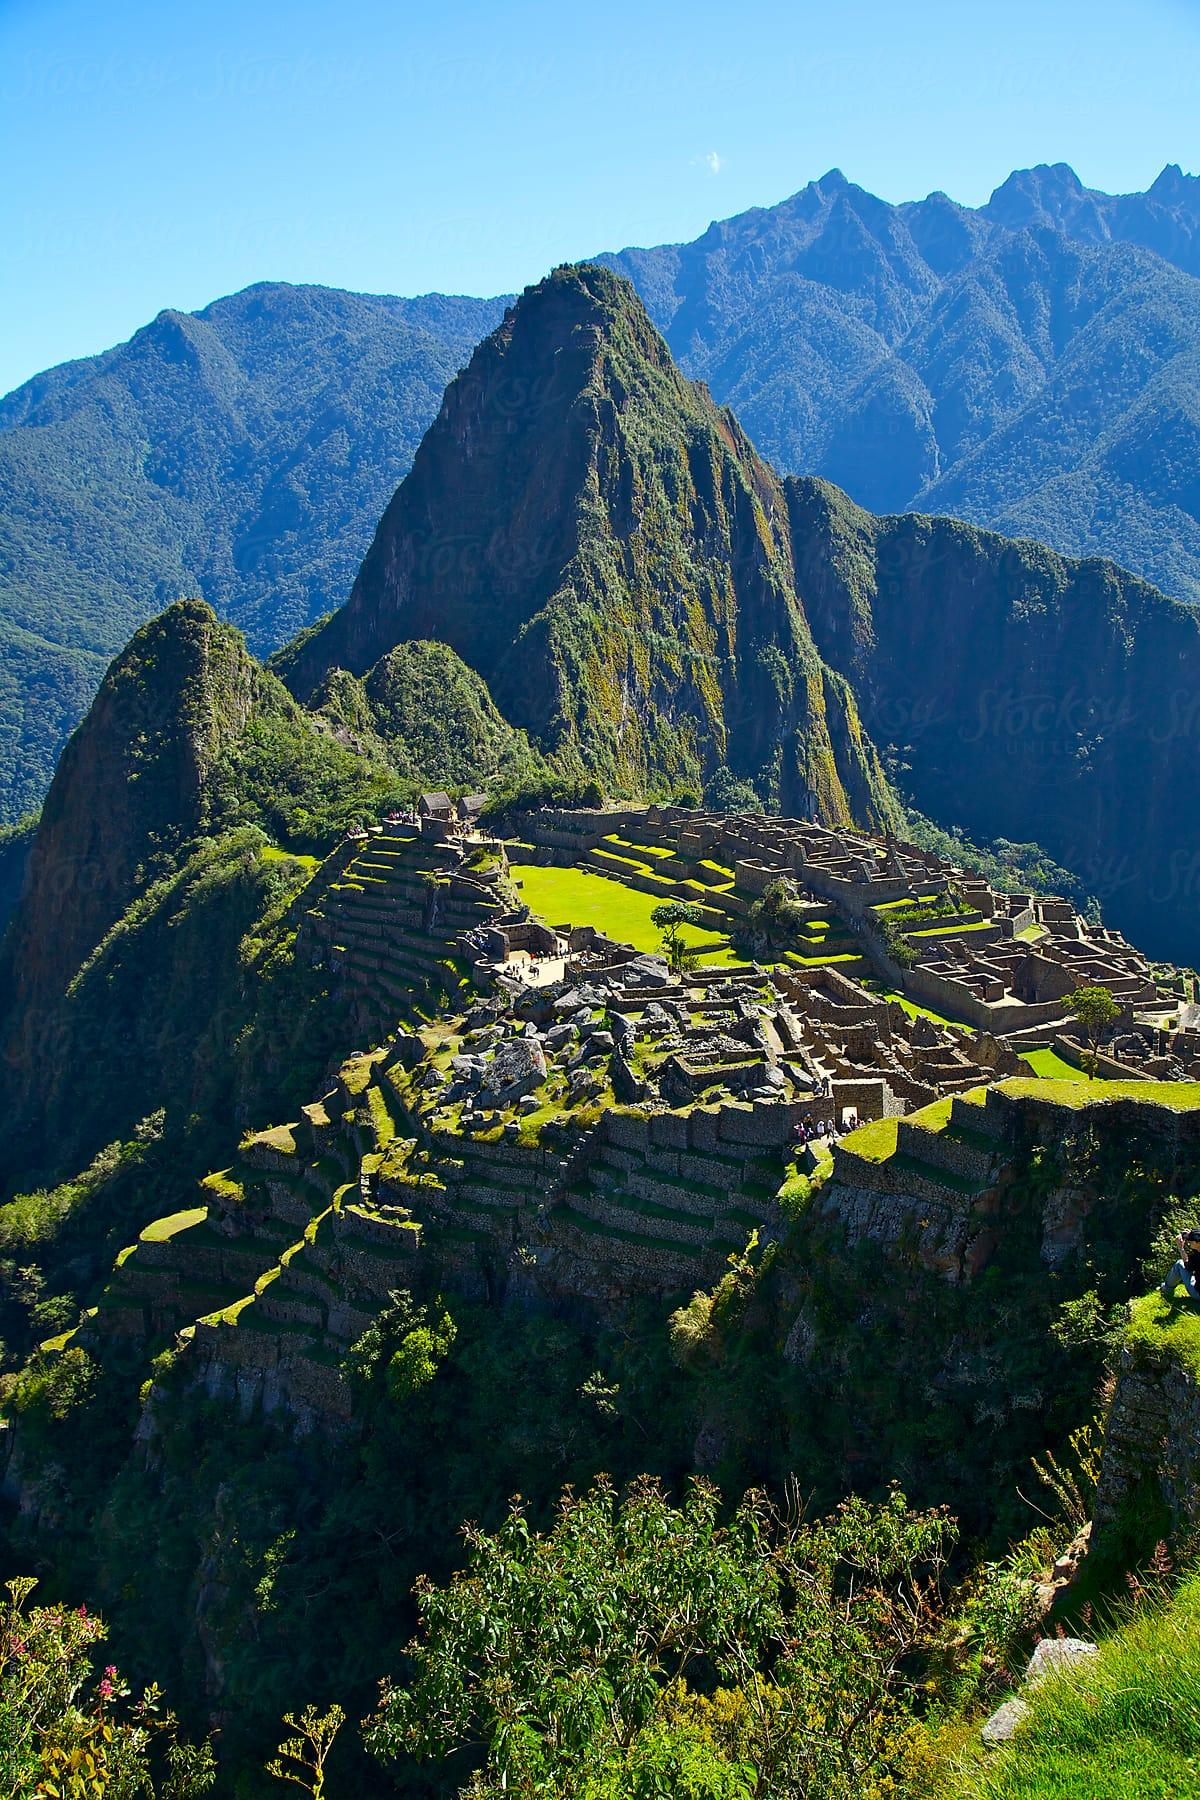 มาชูปิกชู (Machu Picchu)